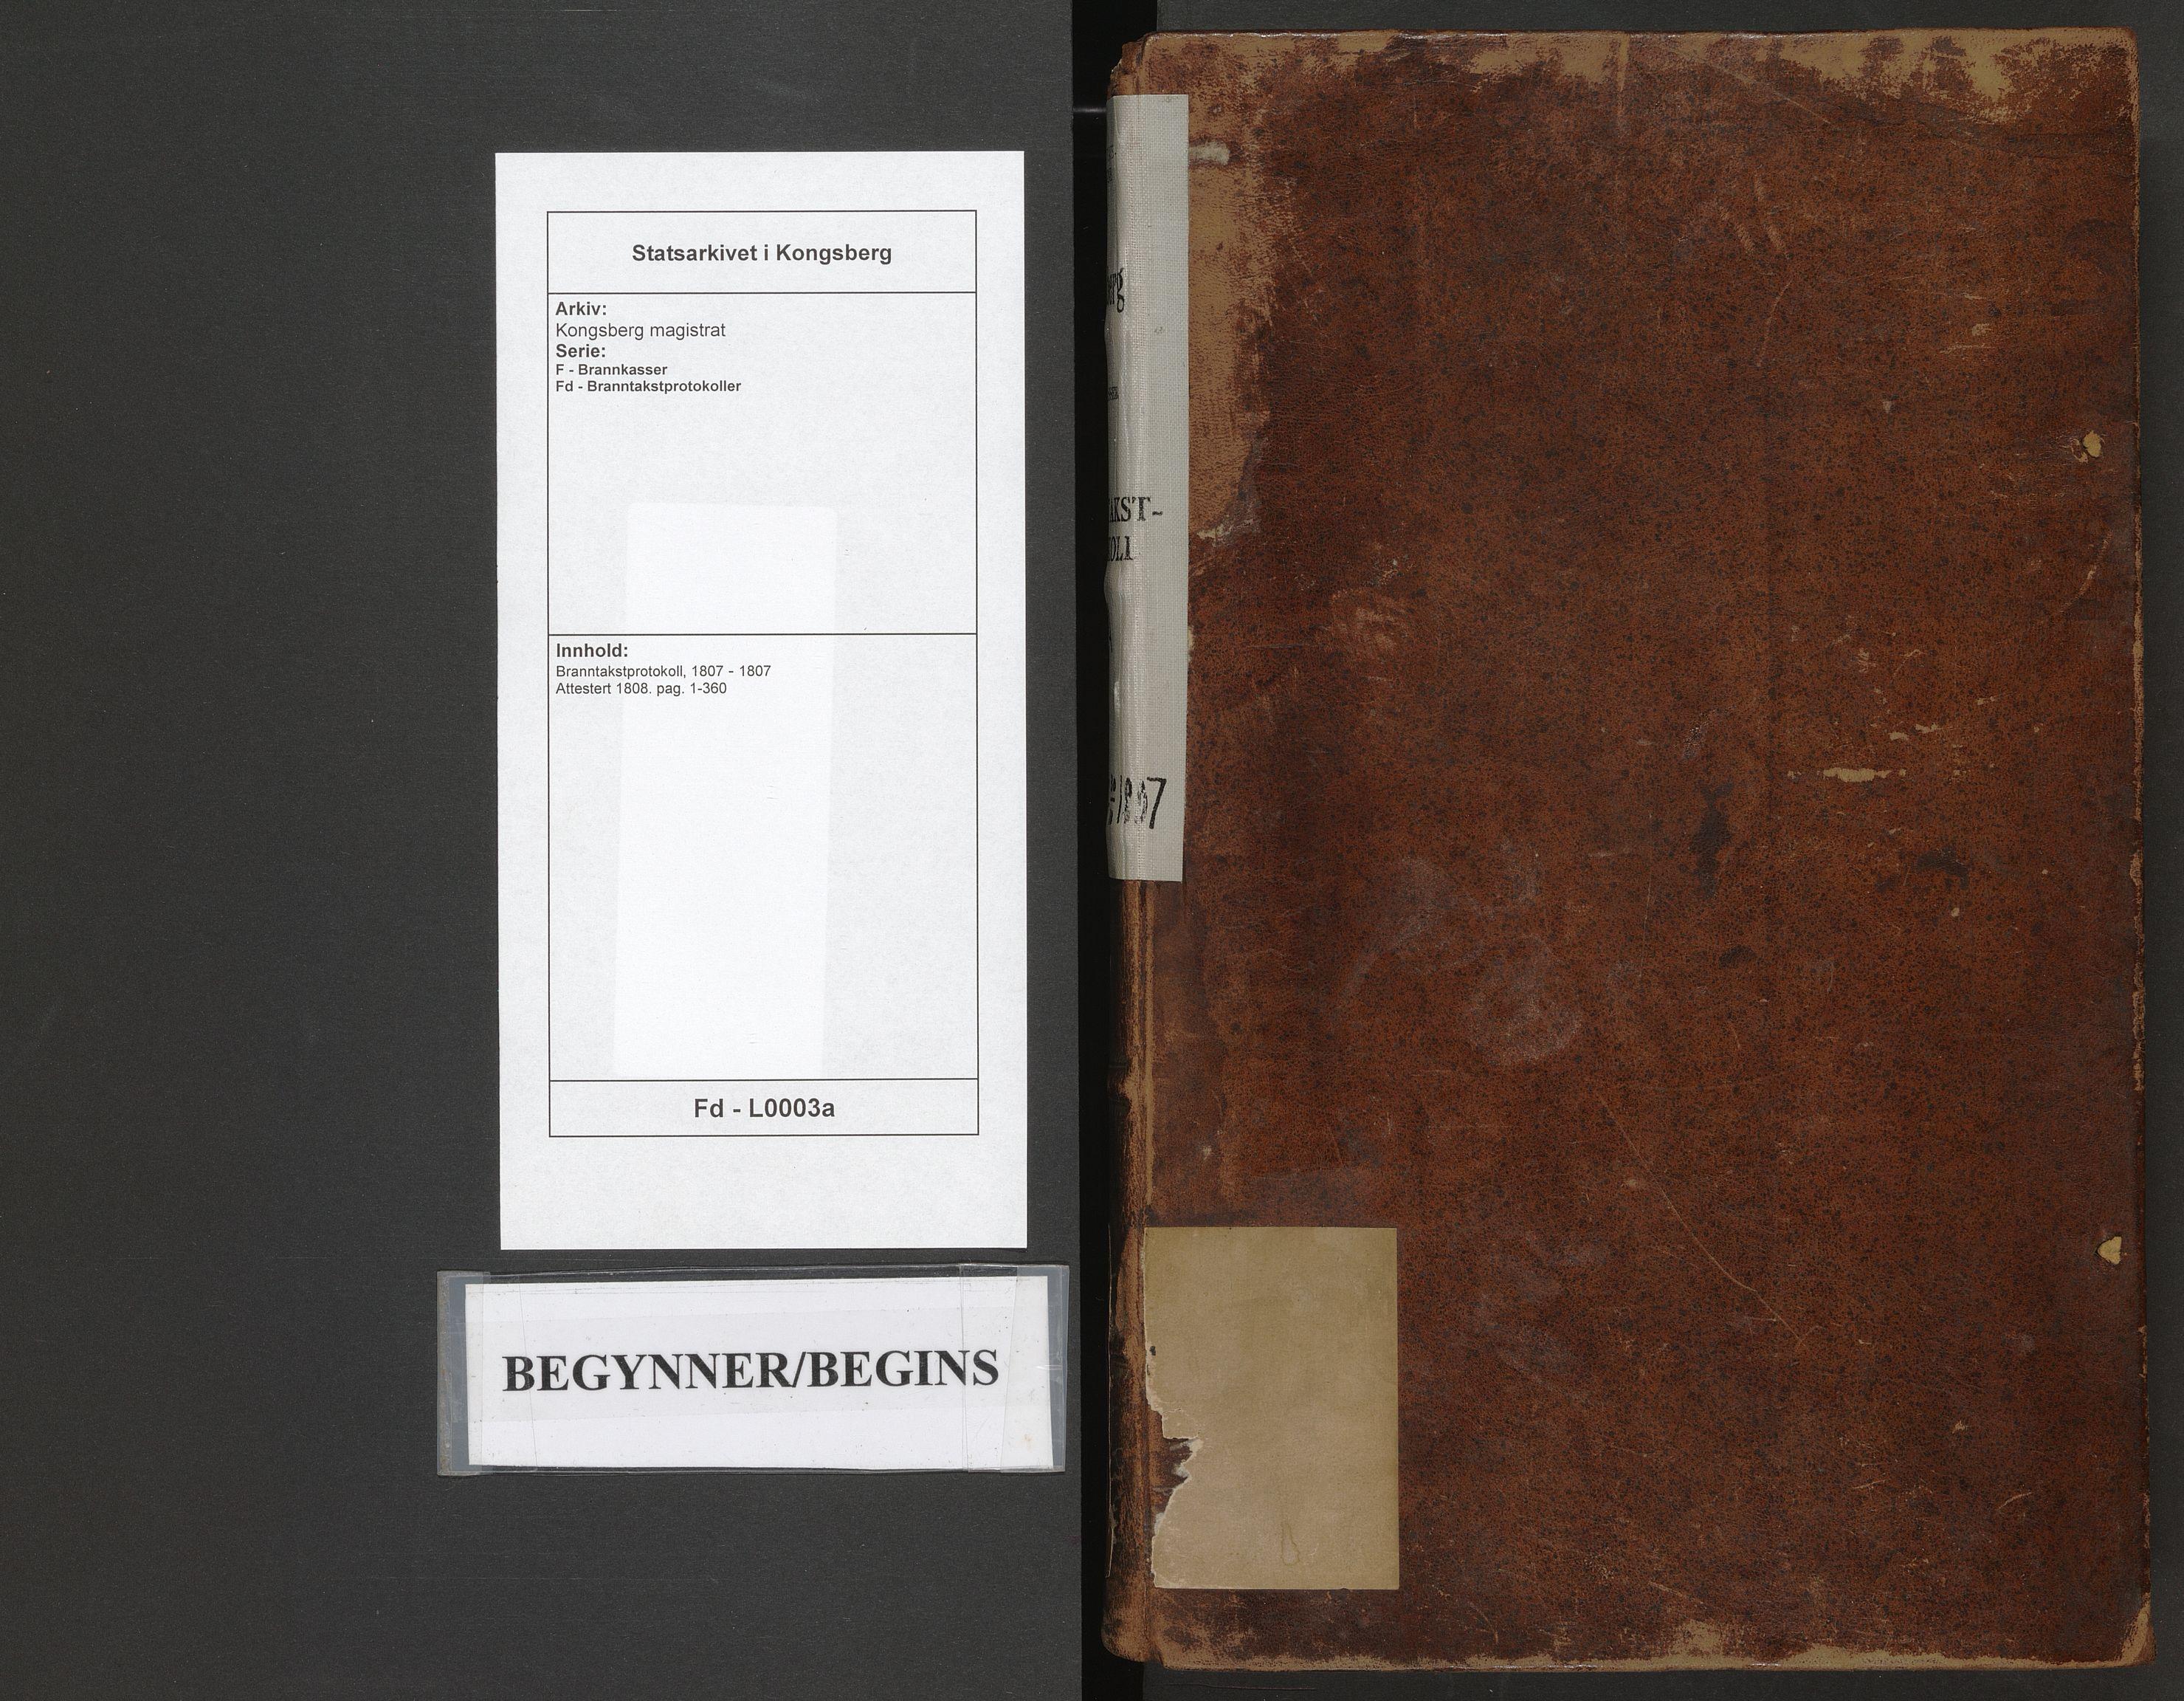 SAKO, Kongsberg magistrat, F/Fd/L0003a: Branntakstprotokoll, 1807